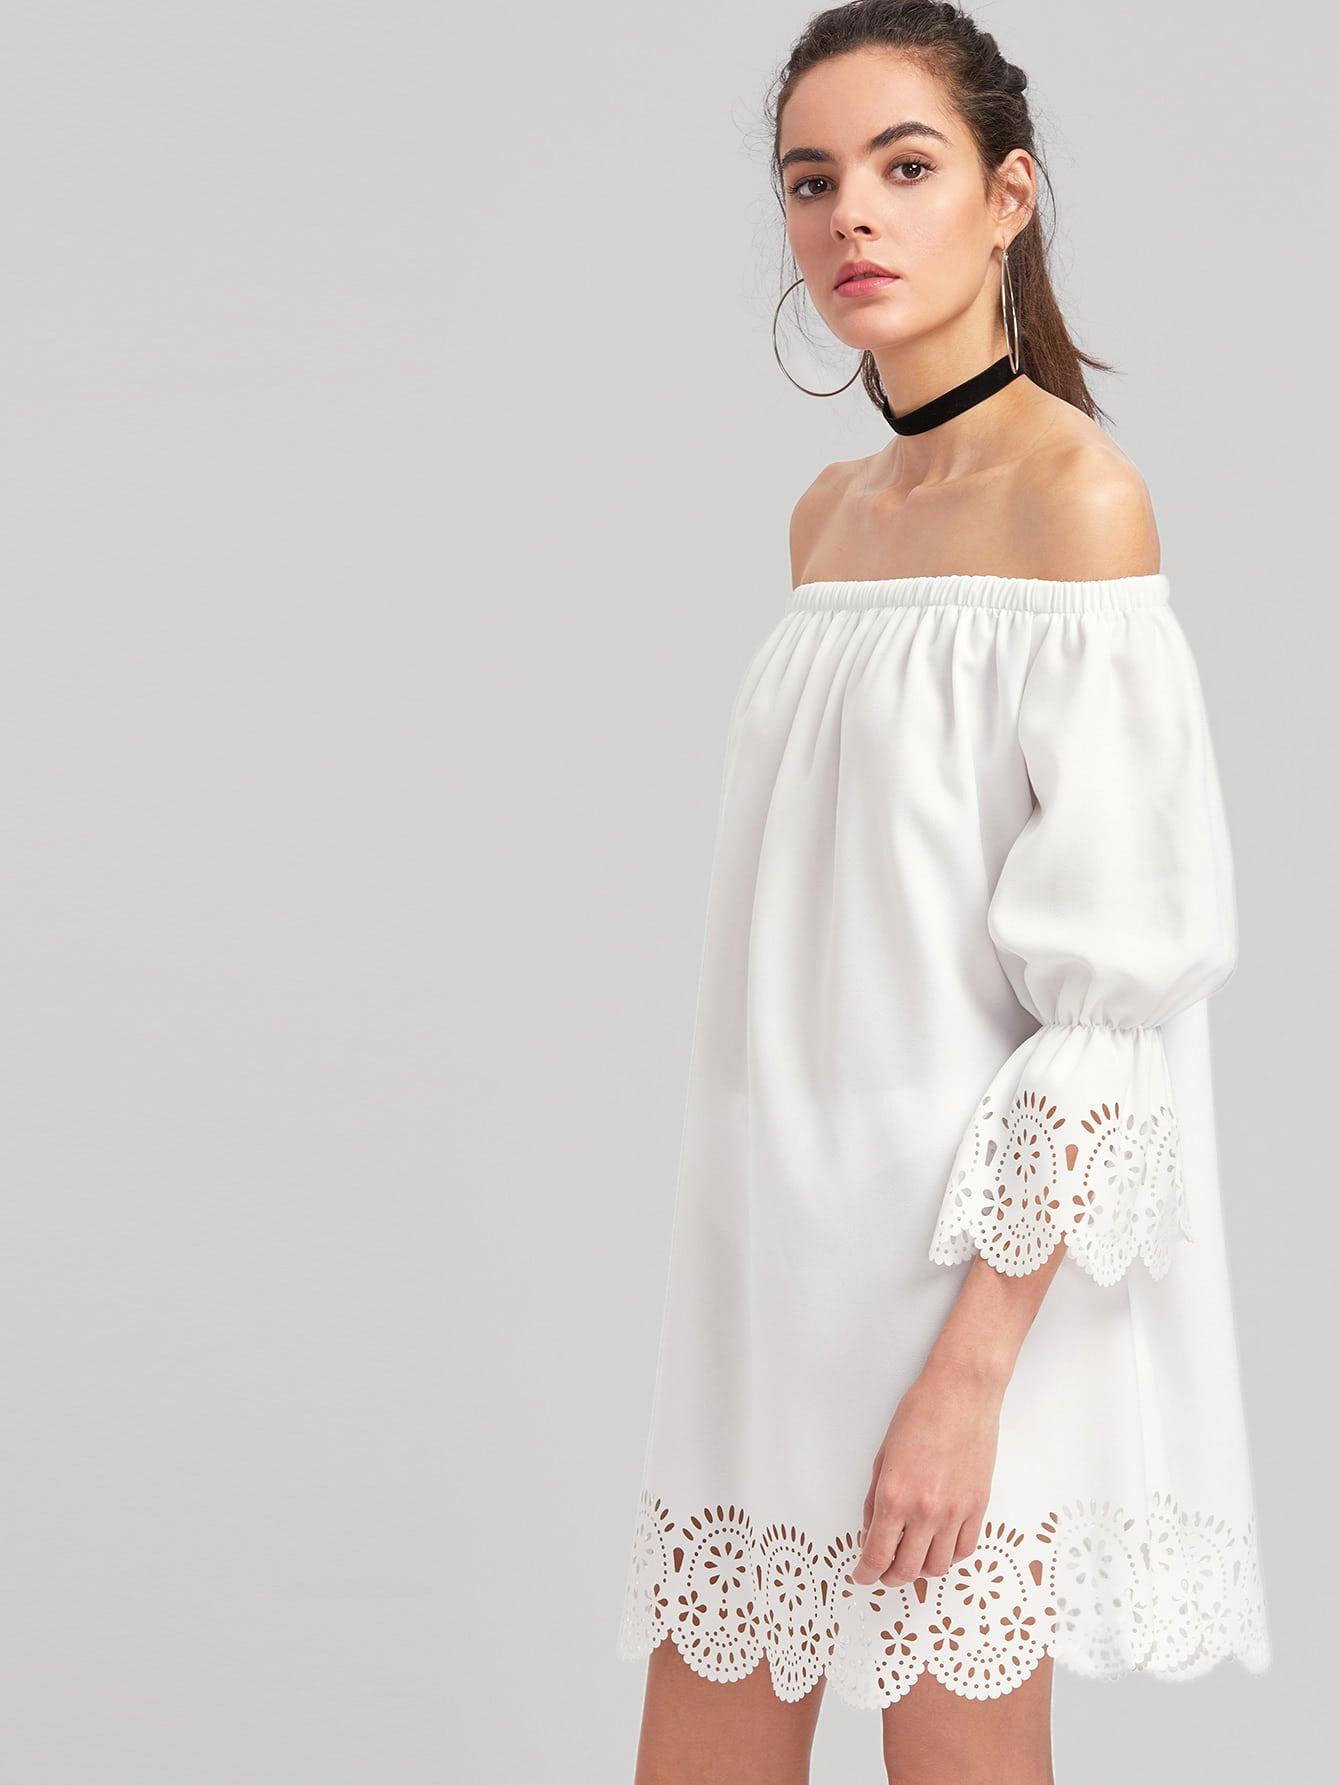 dress170510703_2